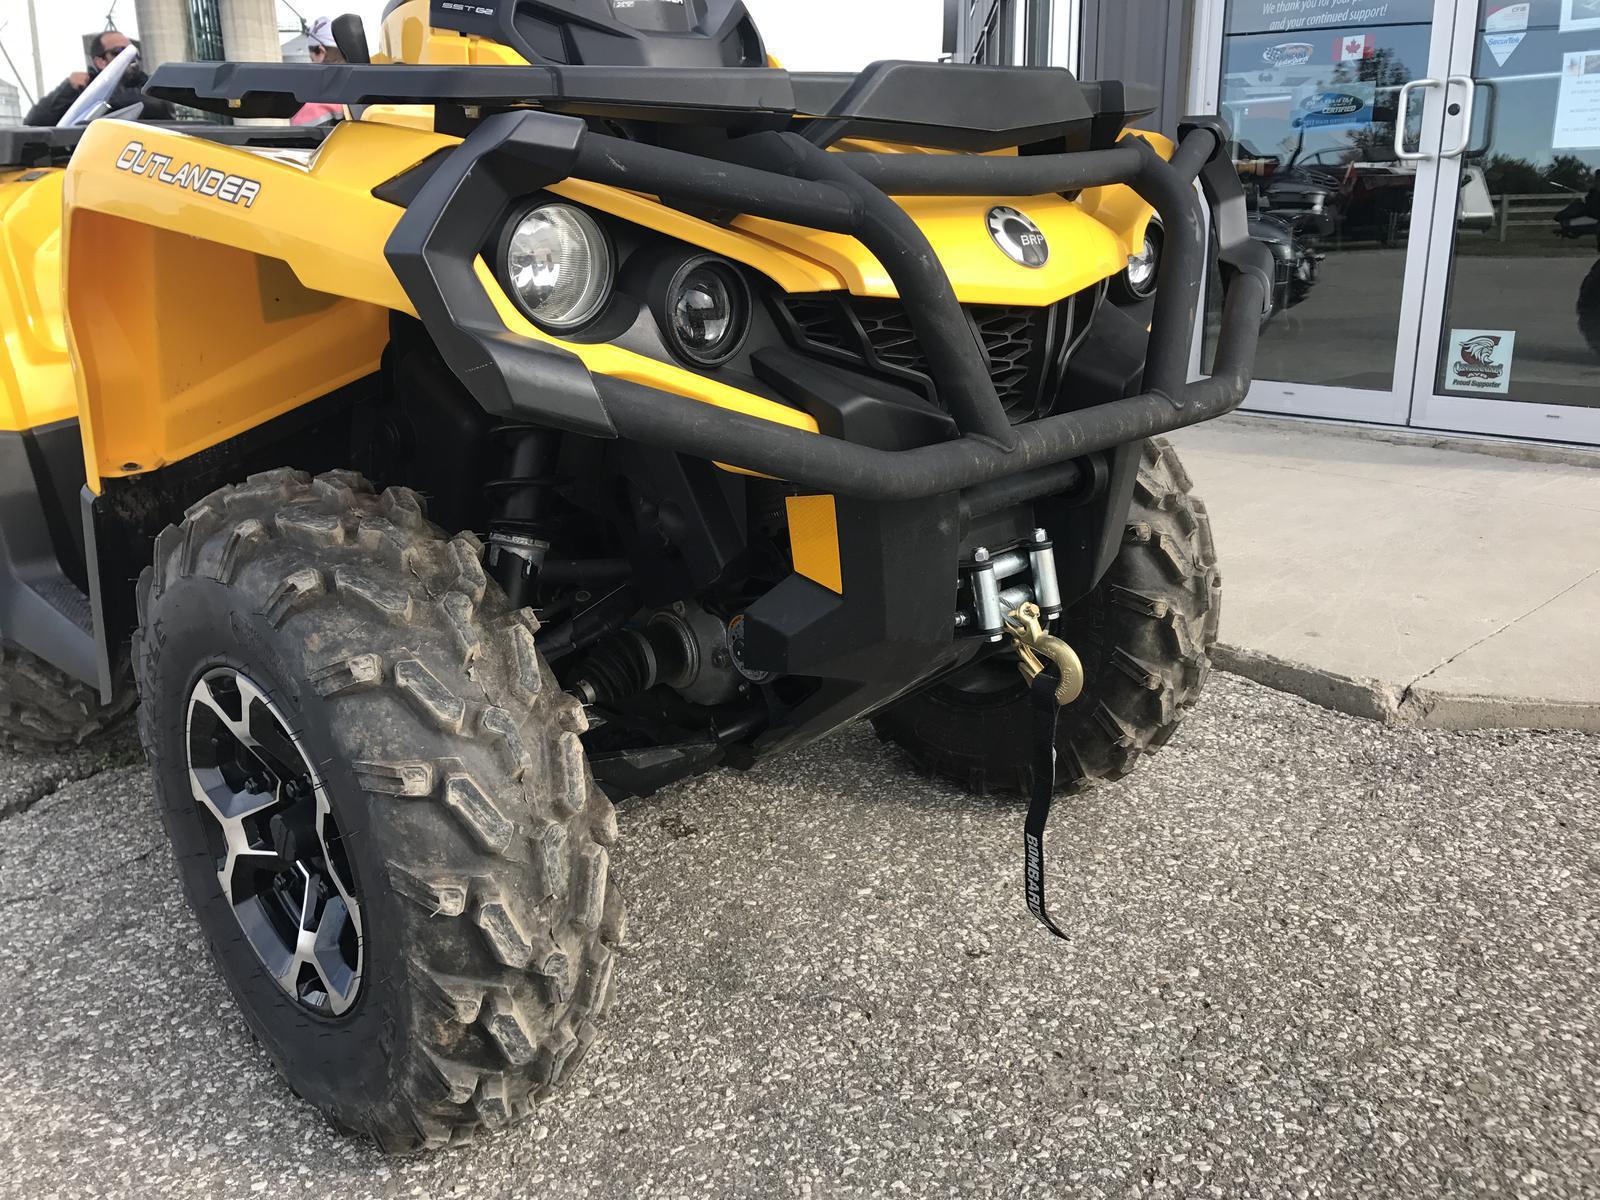 2014 Can-Am ATV OUTLANDER 650 XT | 2 of 4